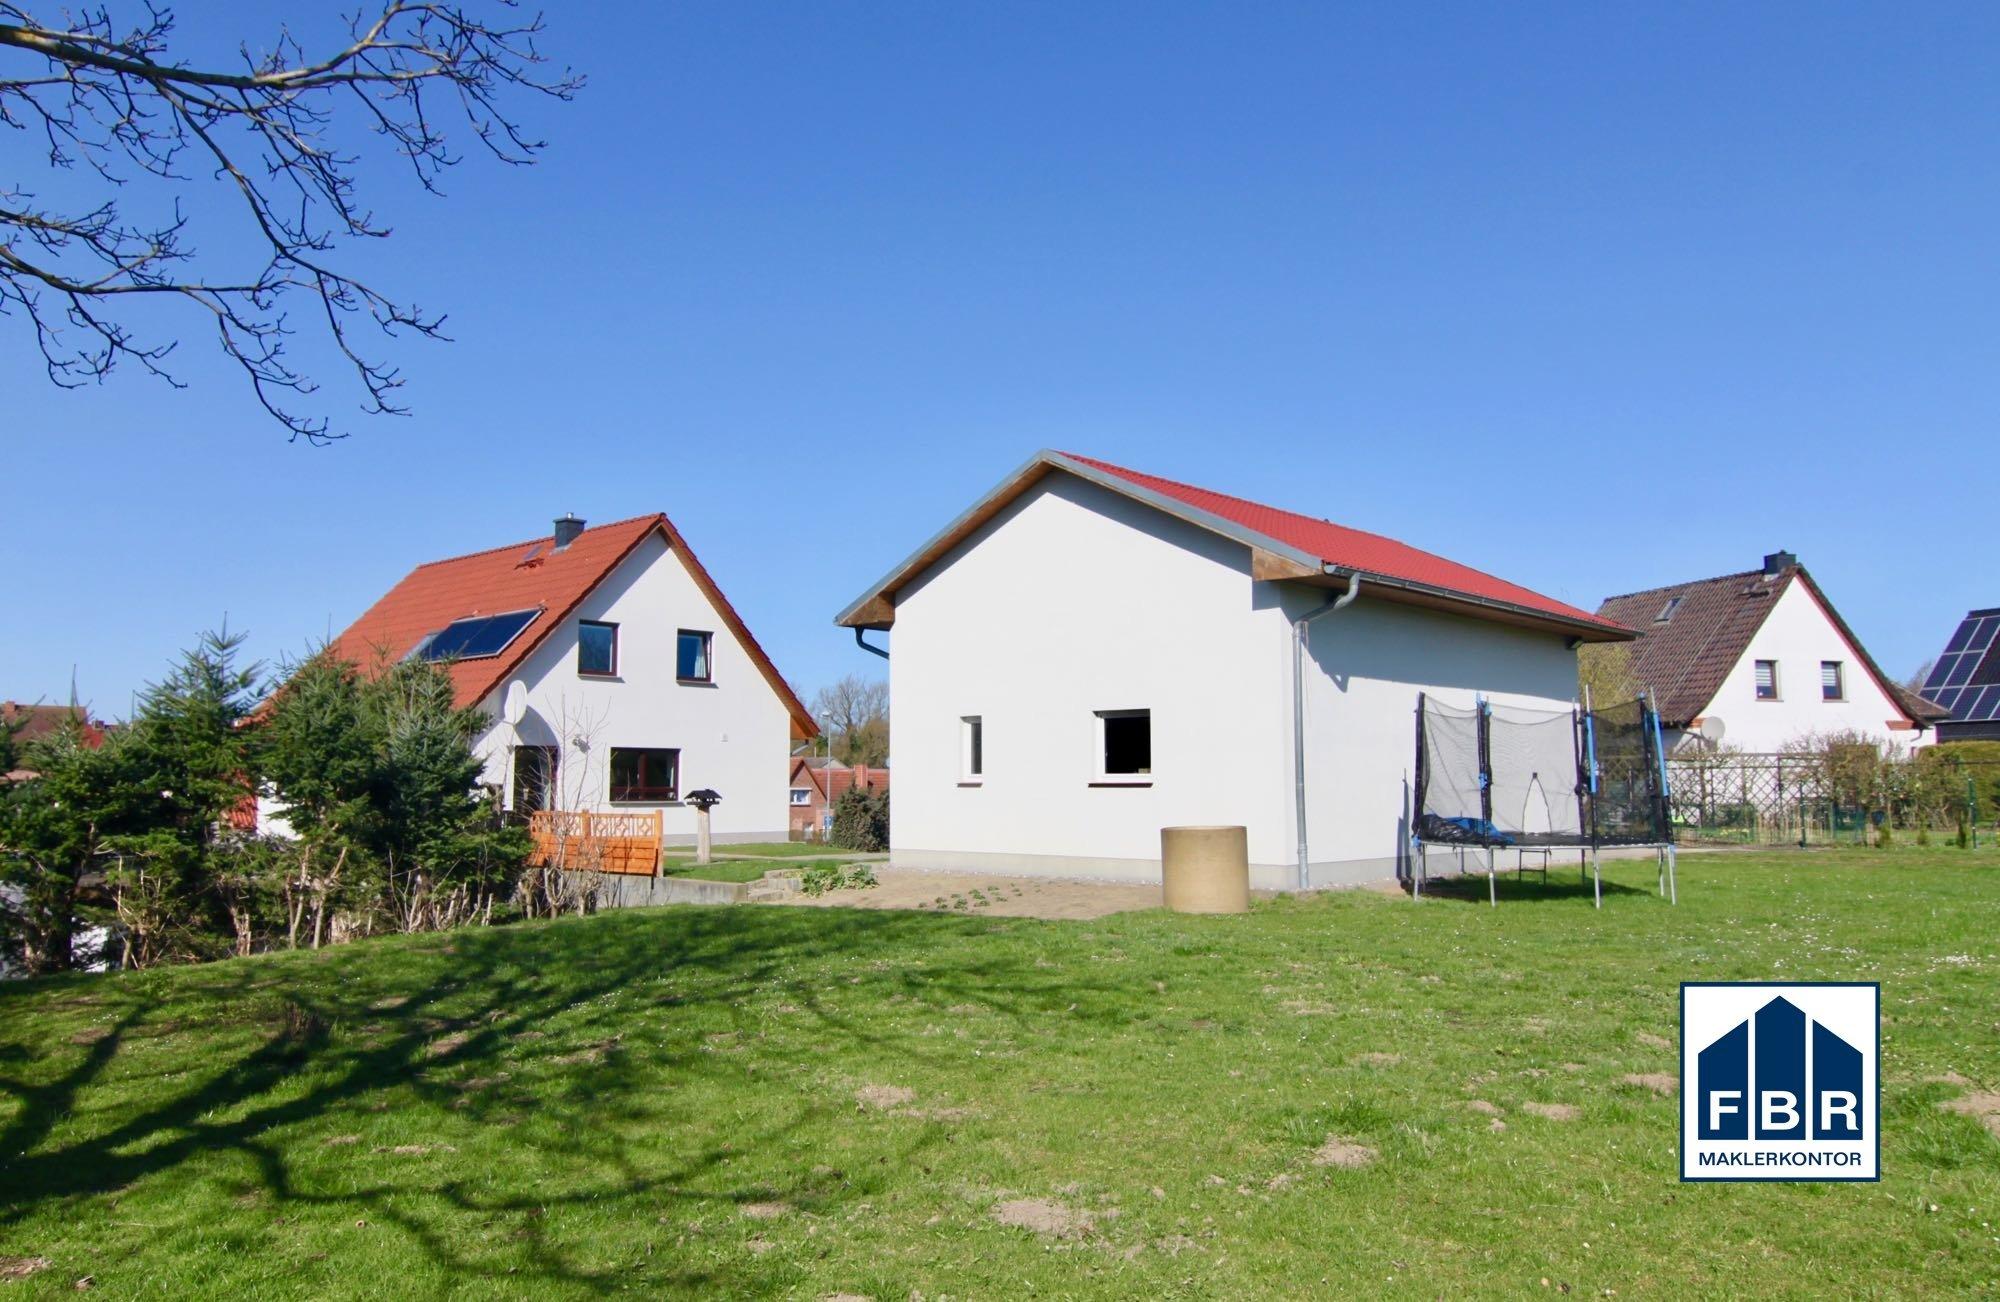 Grundstück - Garage + Haus